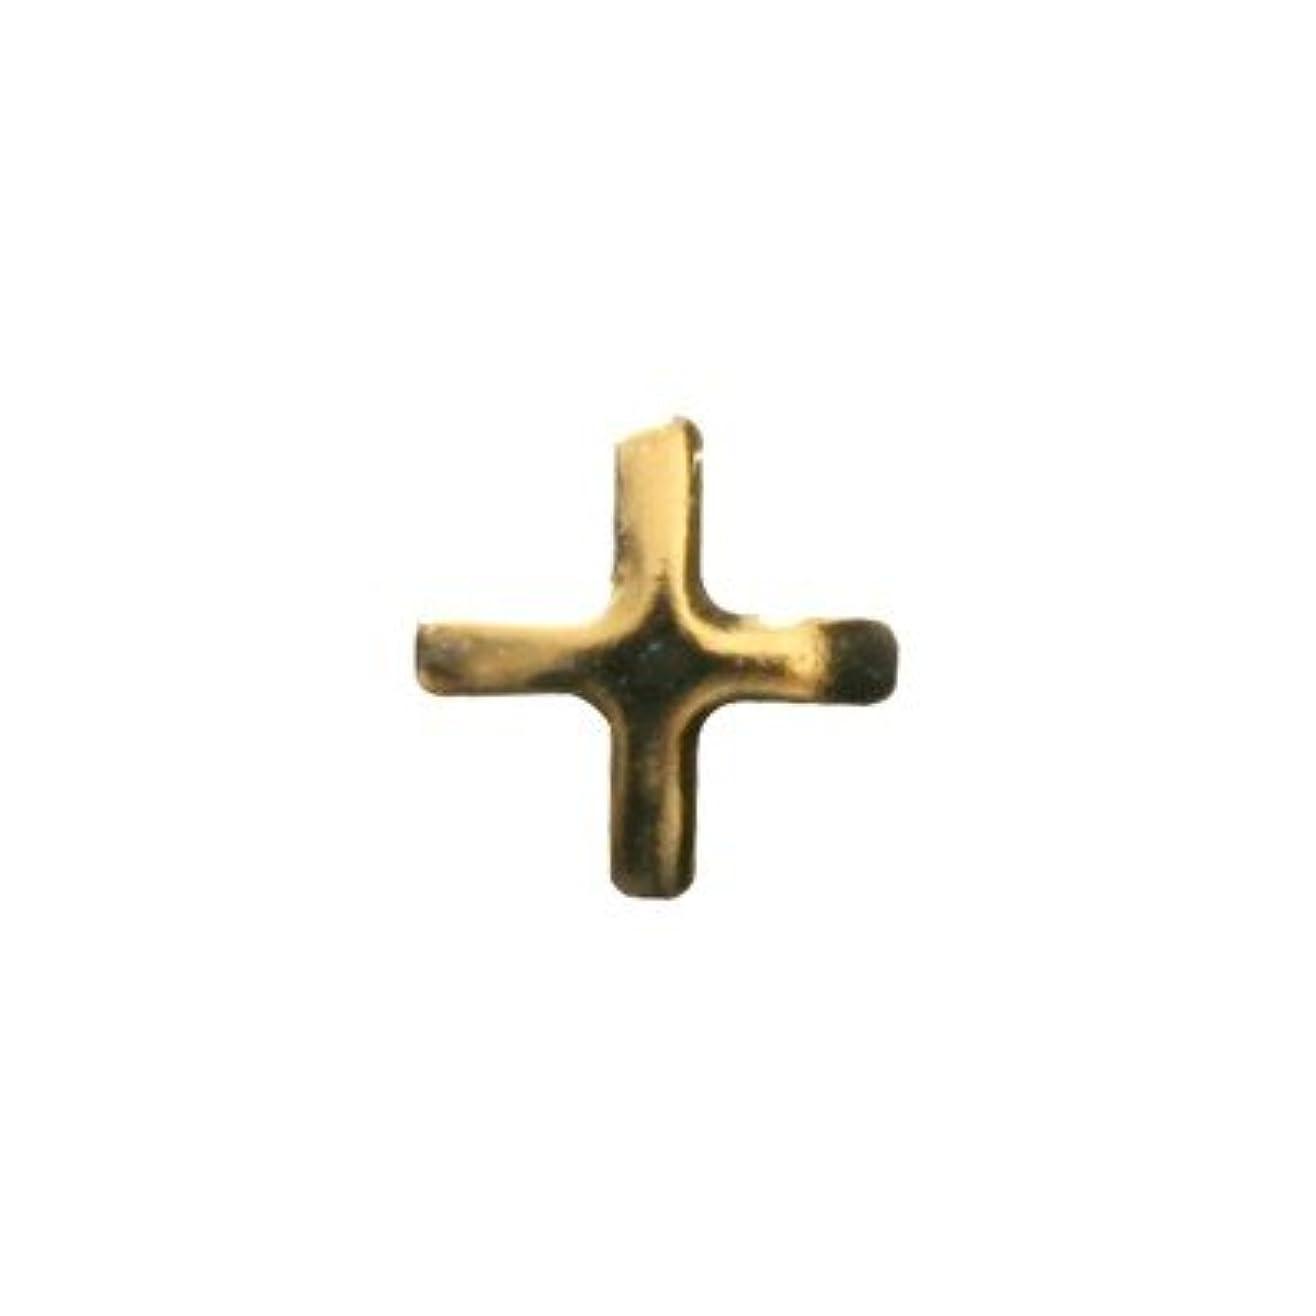 ヒューマニスティック雄弁な意味ピアドラ スタッズ クロスレット ハーフ 3mm 50P ゴールド